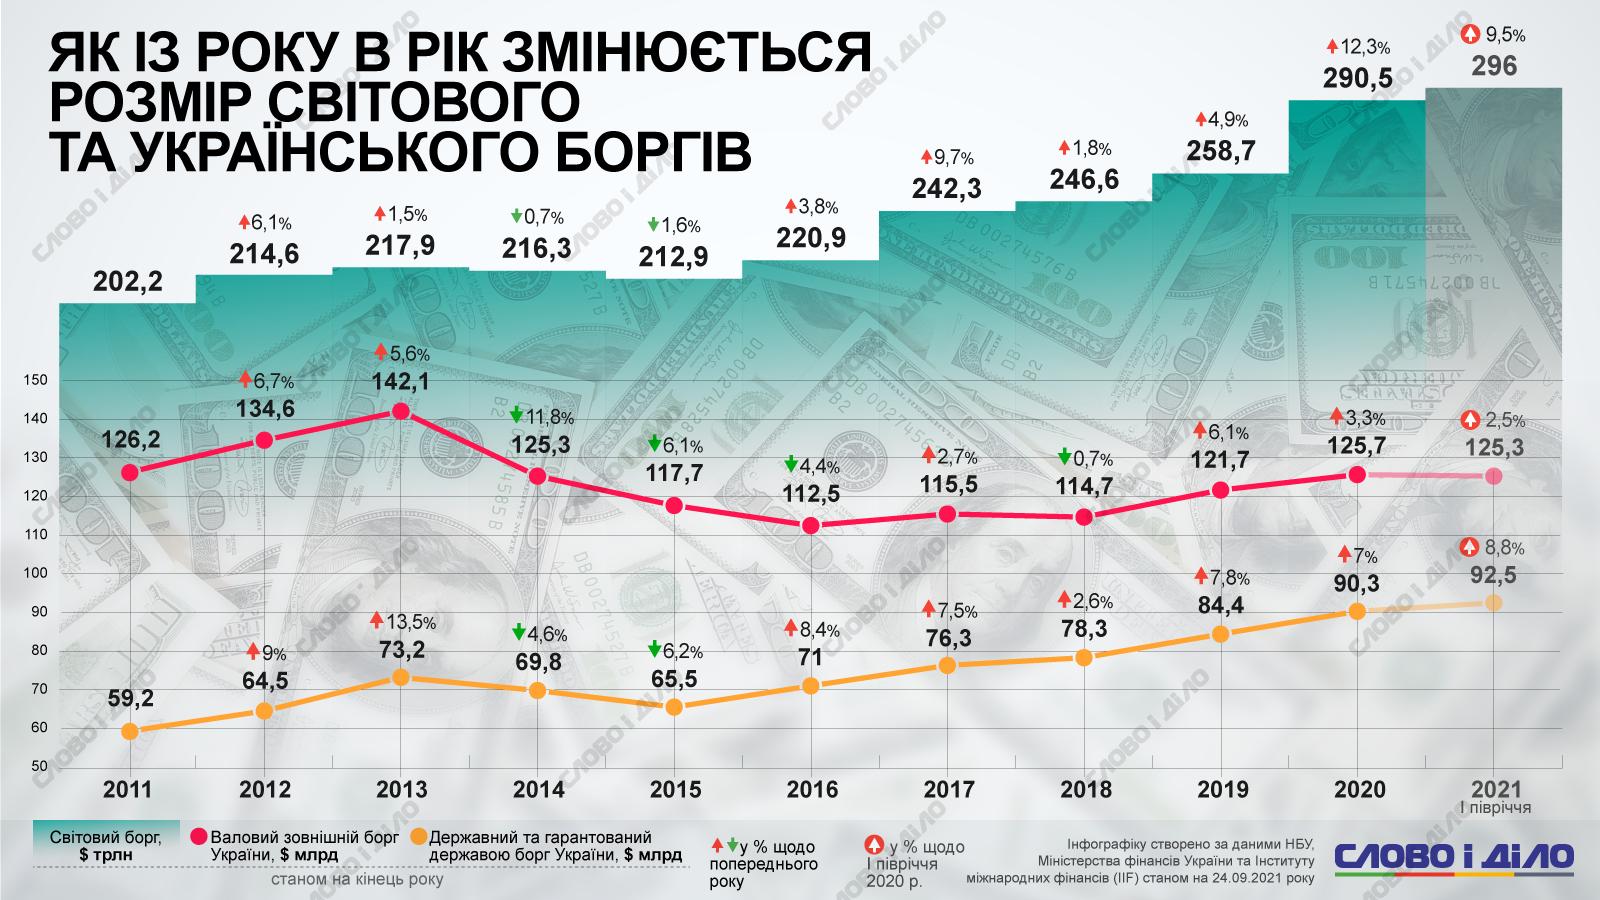 Как менялся внешний и государственный долг Украины (инфографика)